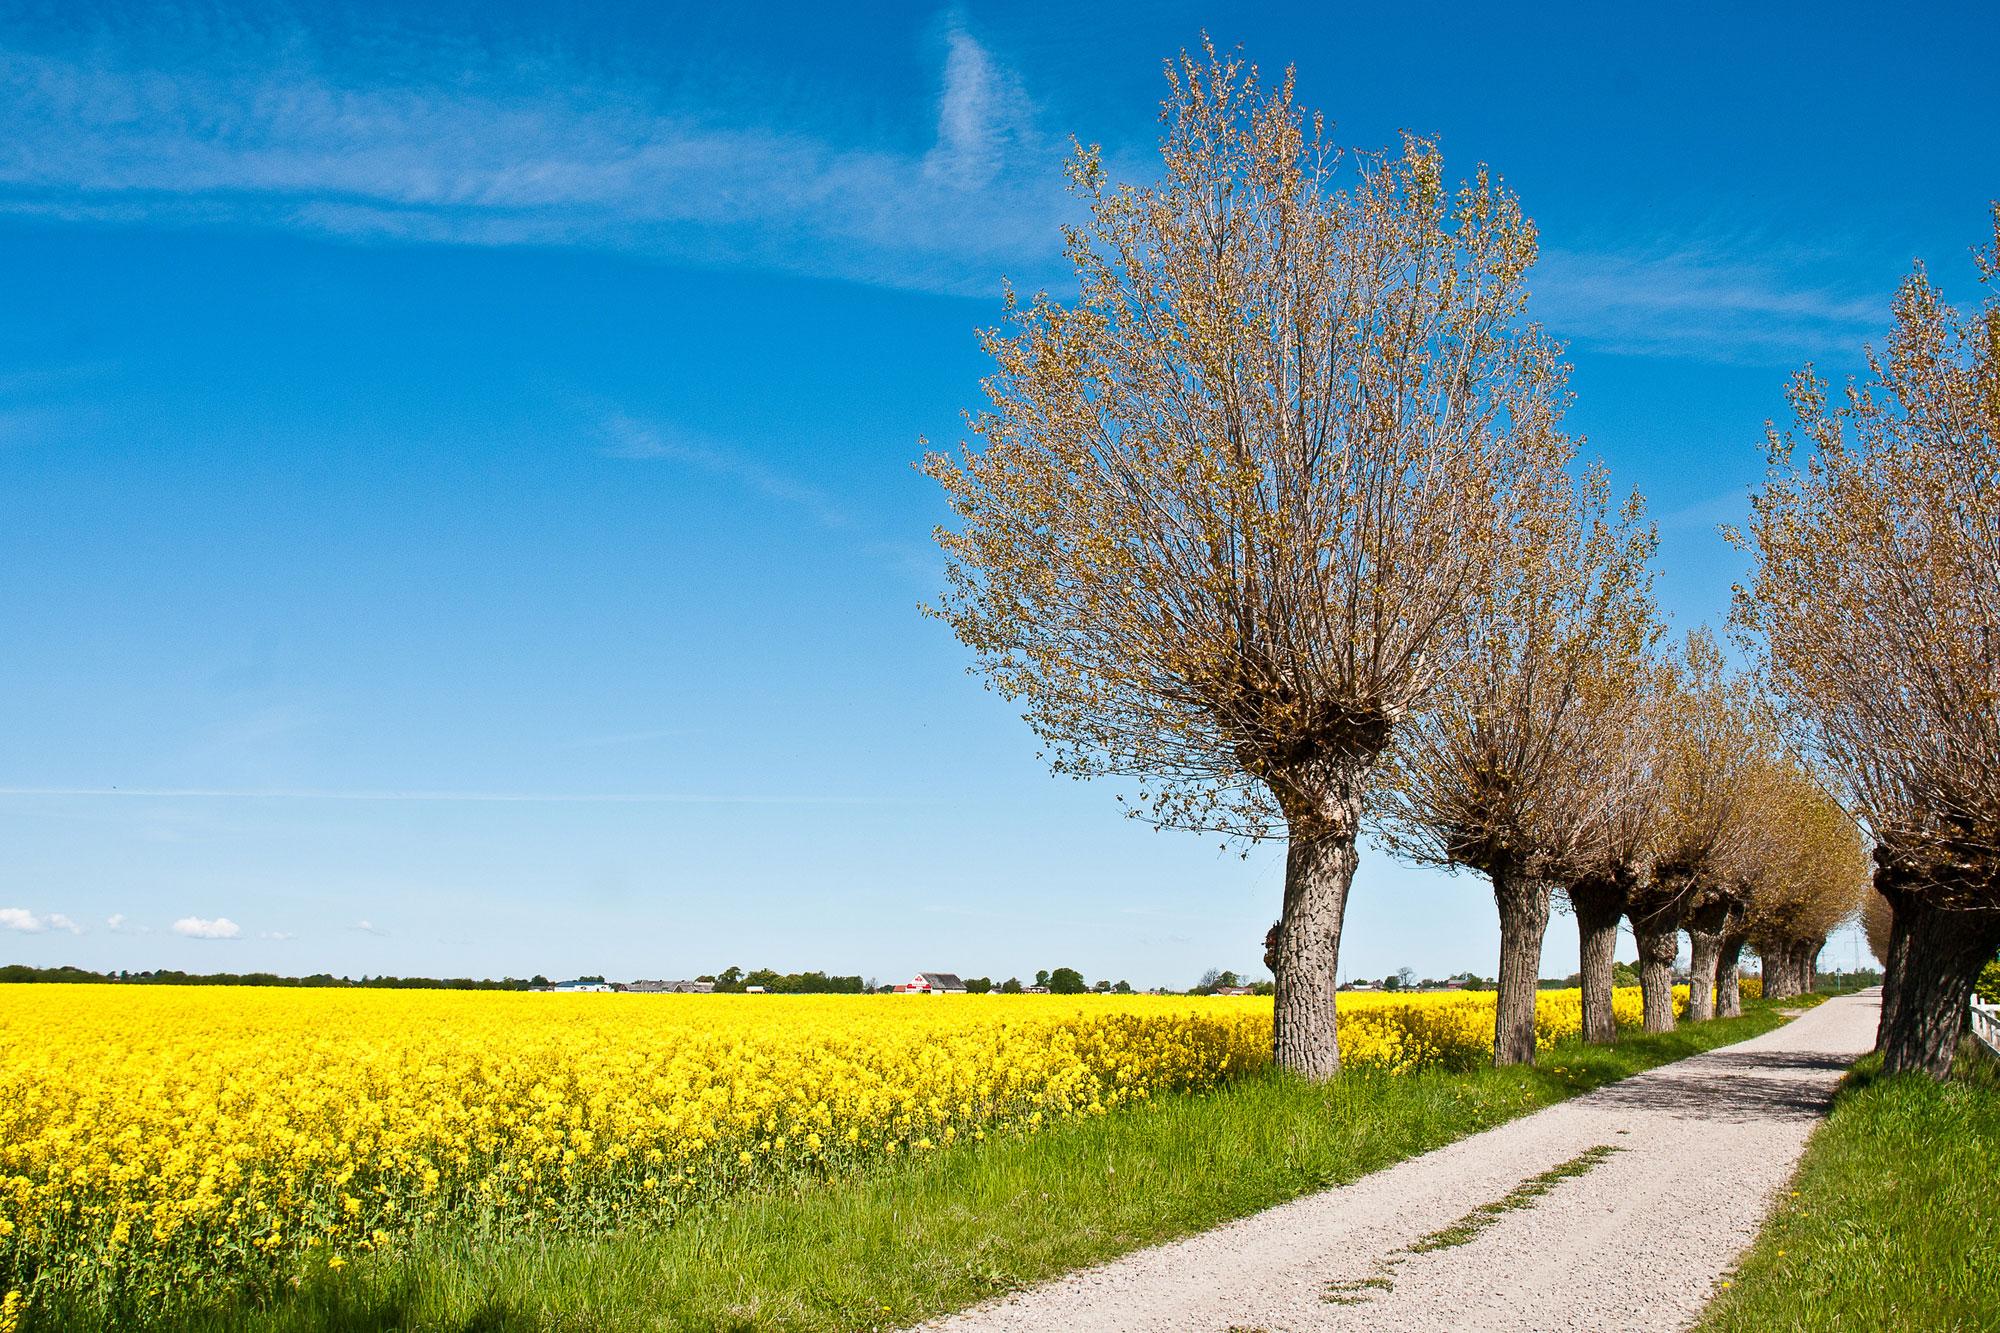 sweden skane canola field willow trees vs